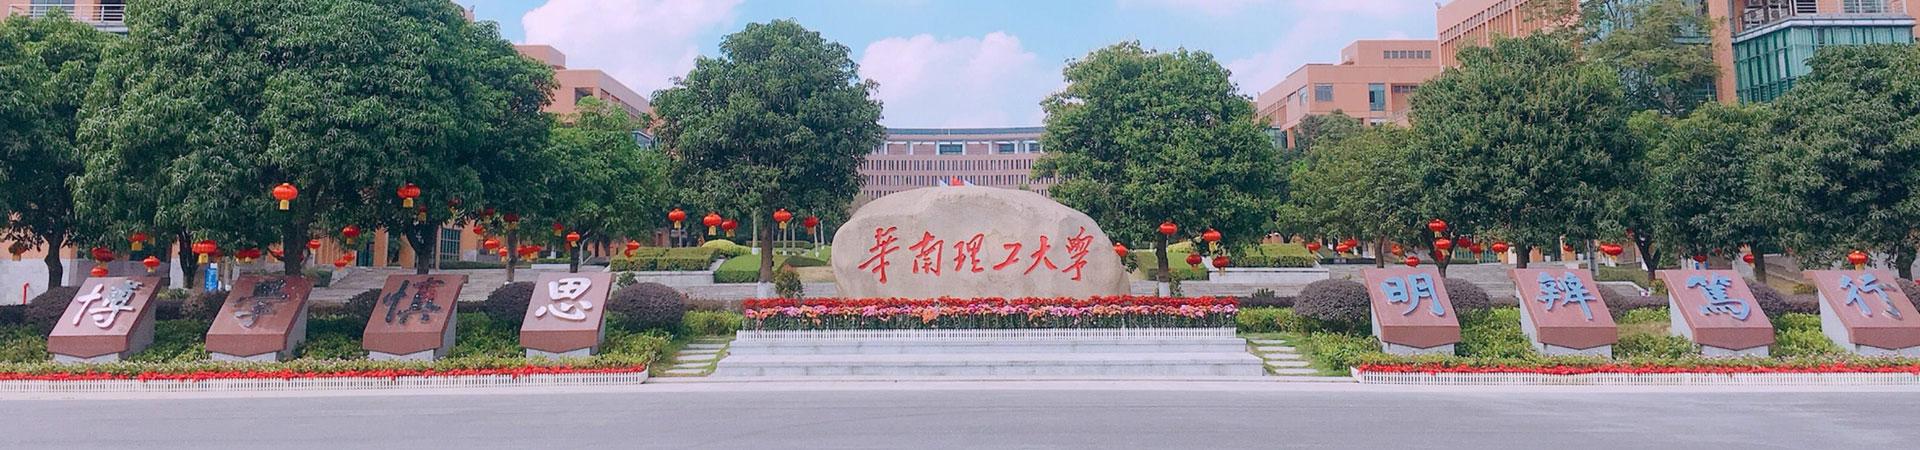 华南理工大学干部培训